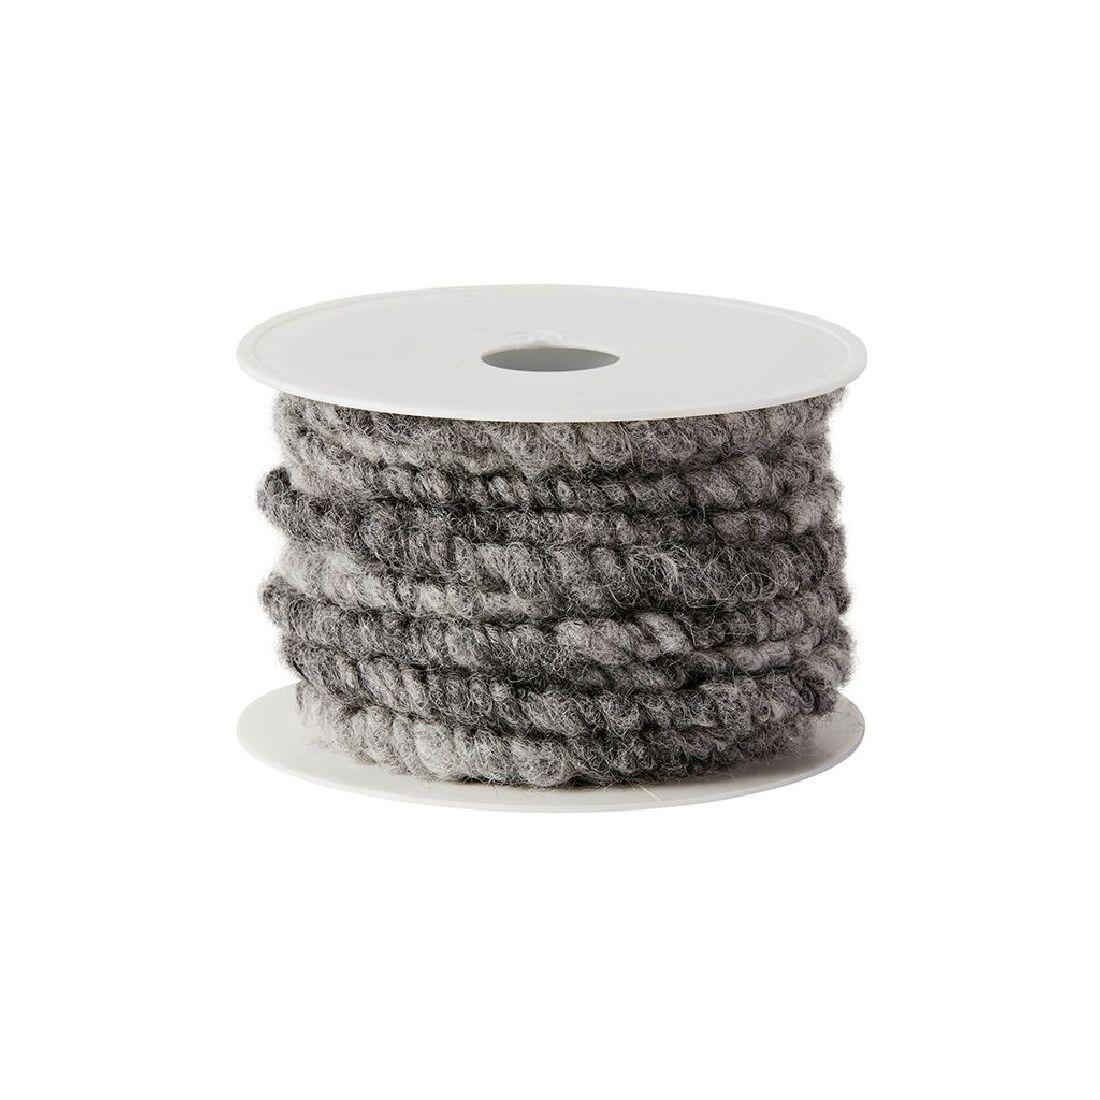 Wollstränge gr-ANTHRAZIT 403 10 mm / 10 mtr.